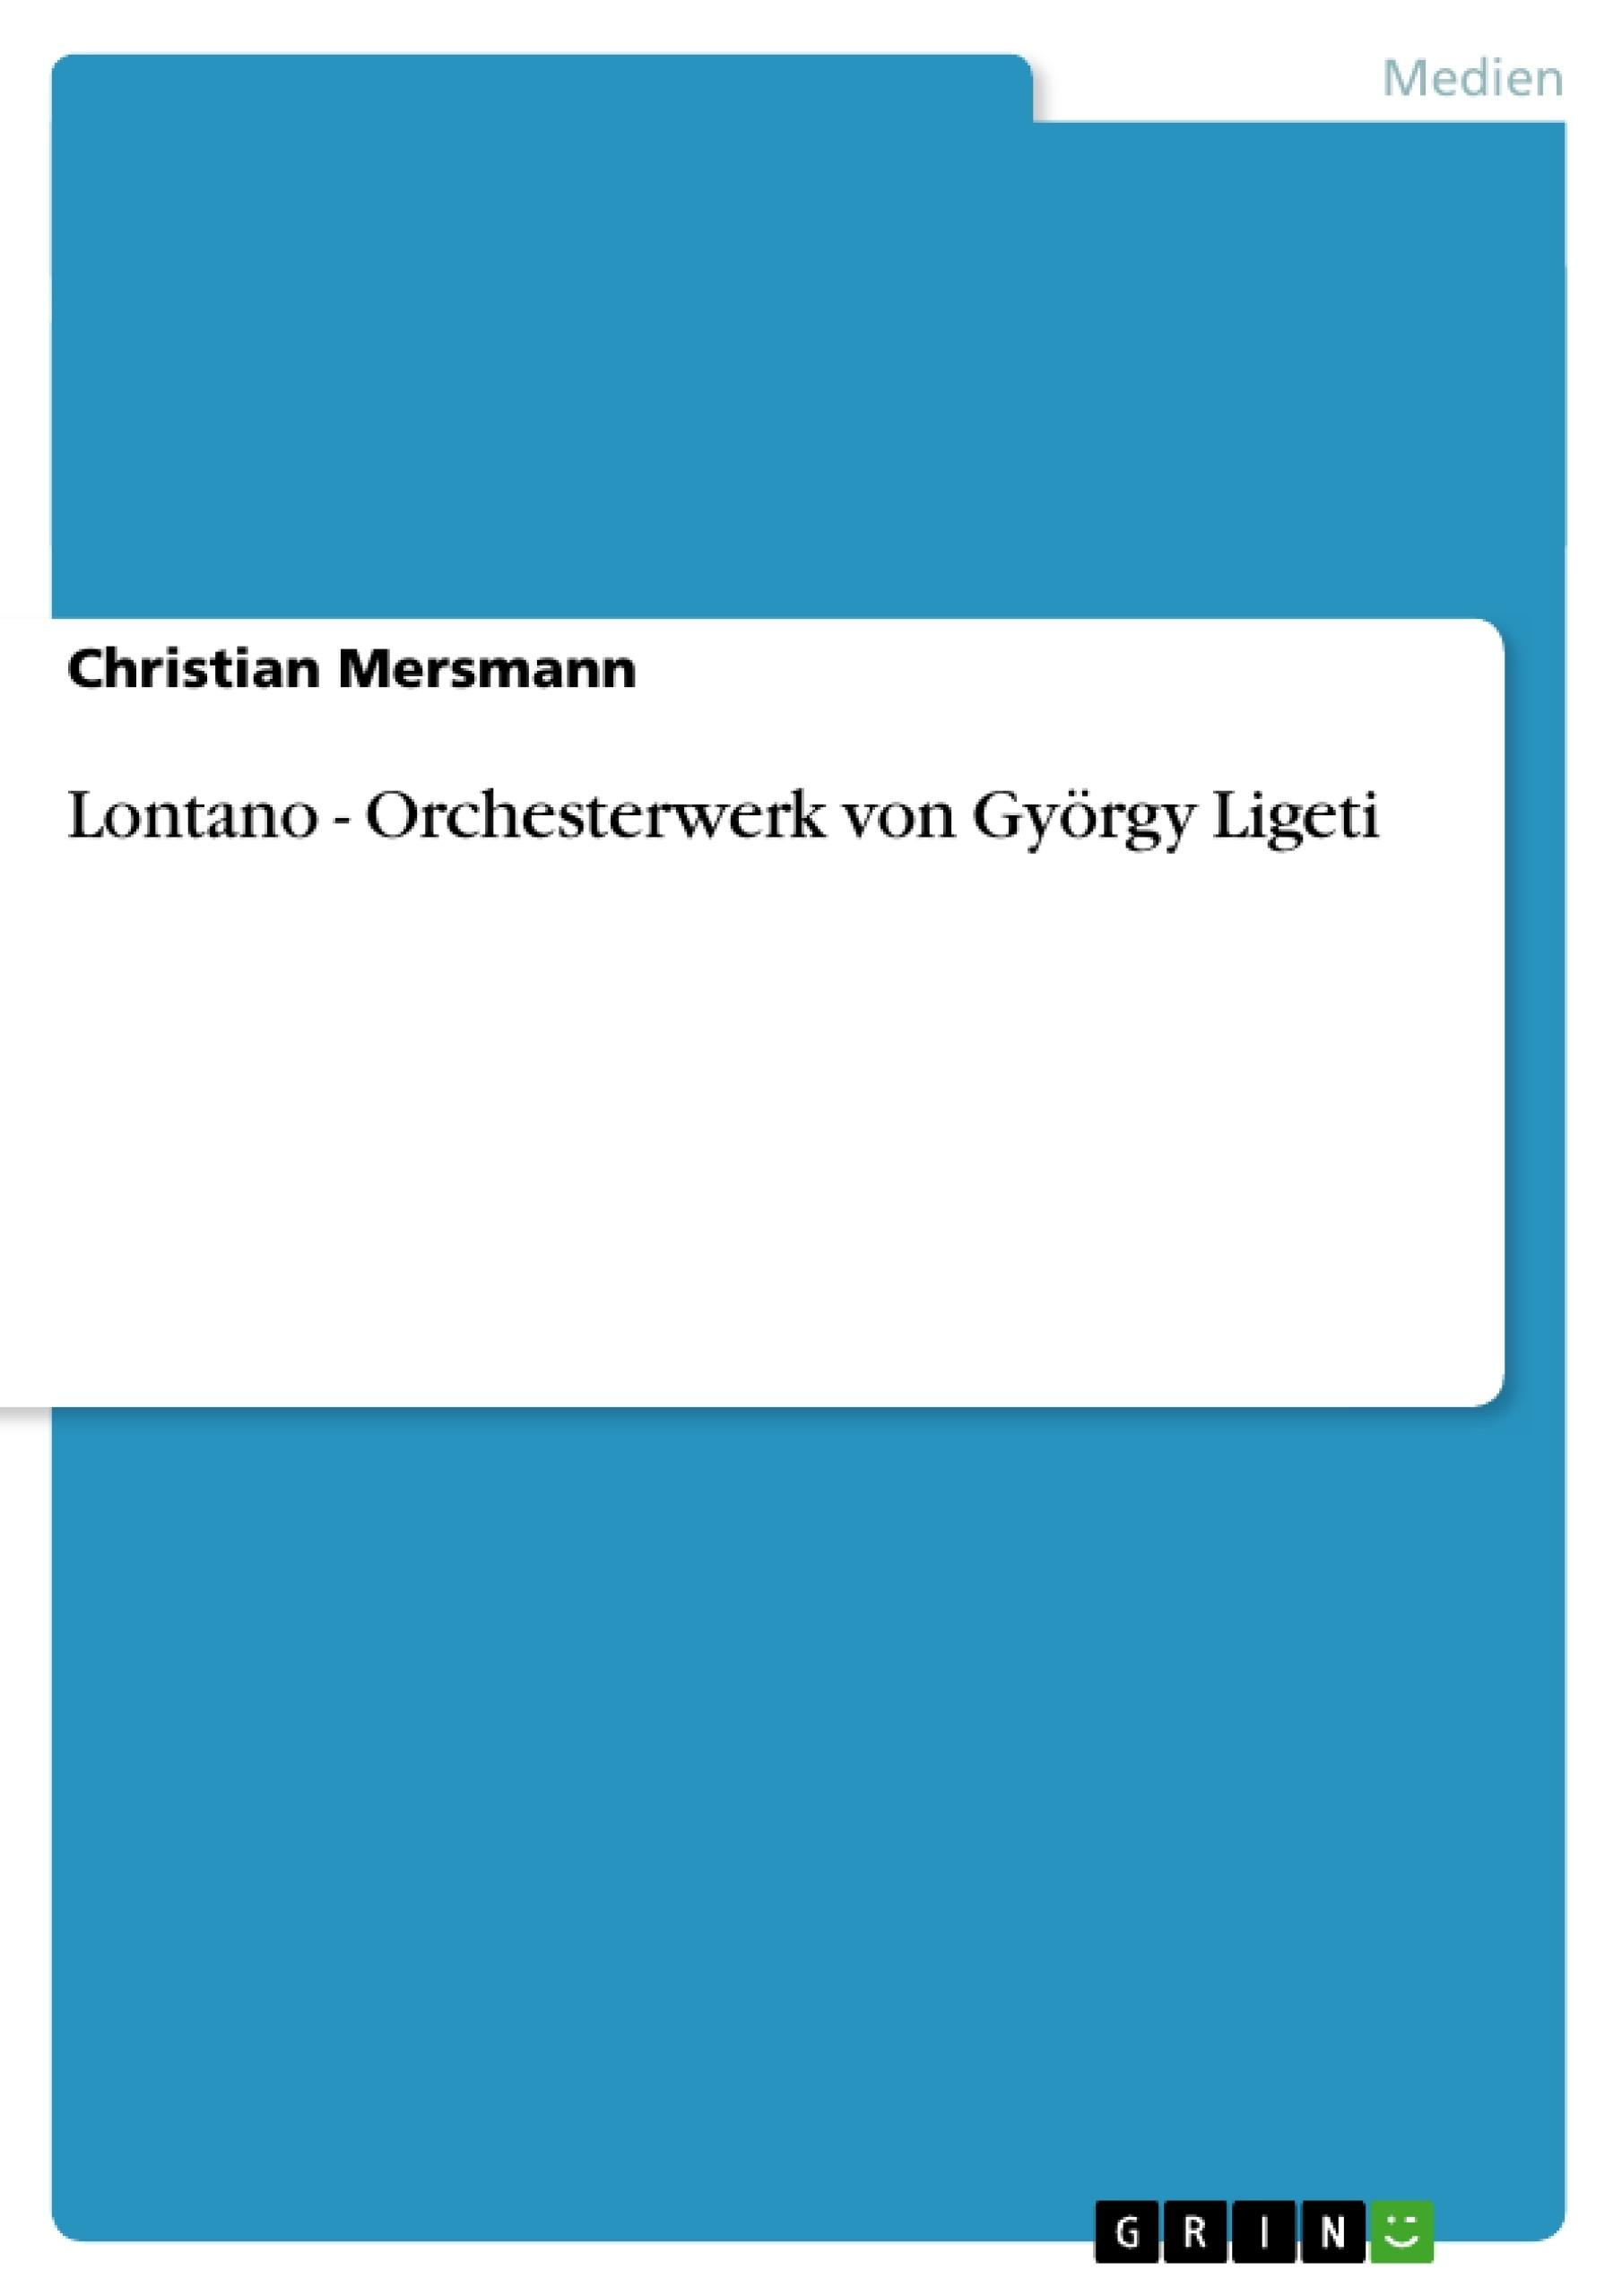 Titel: Lontano - Orchesterwerk von György Ligeti